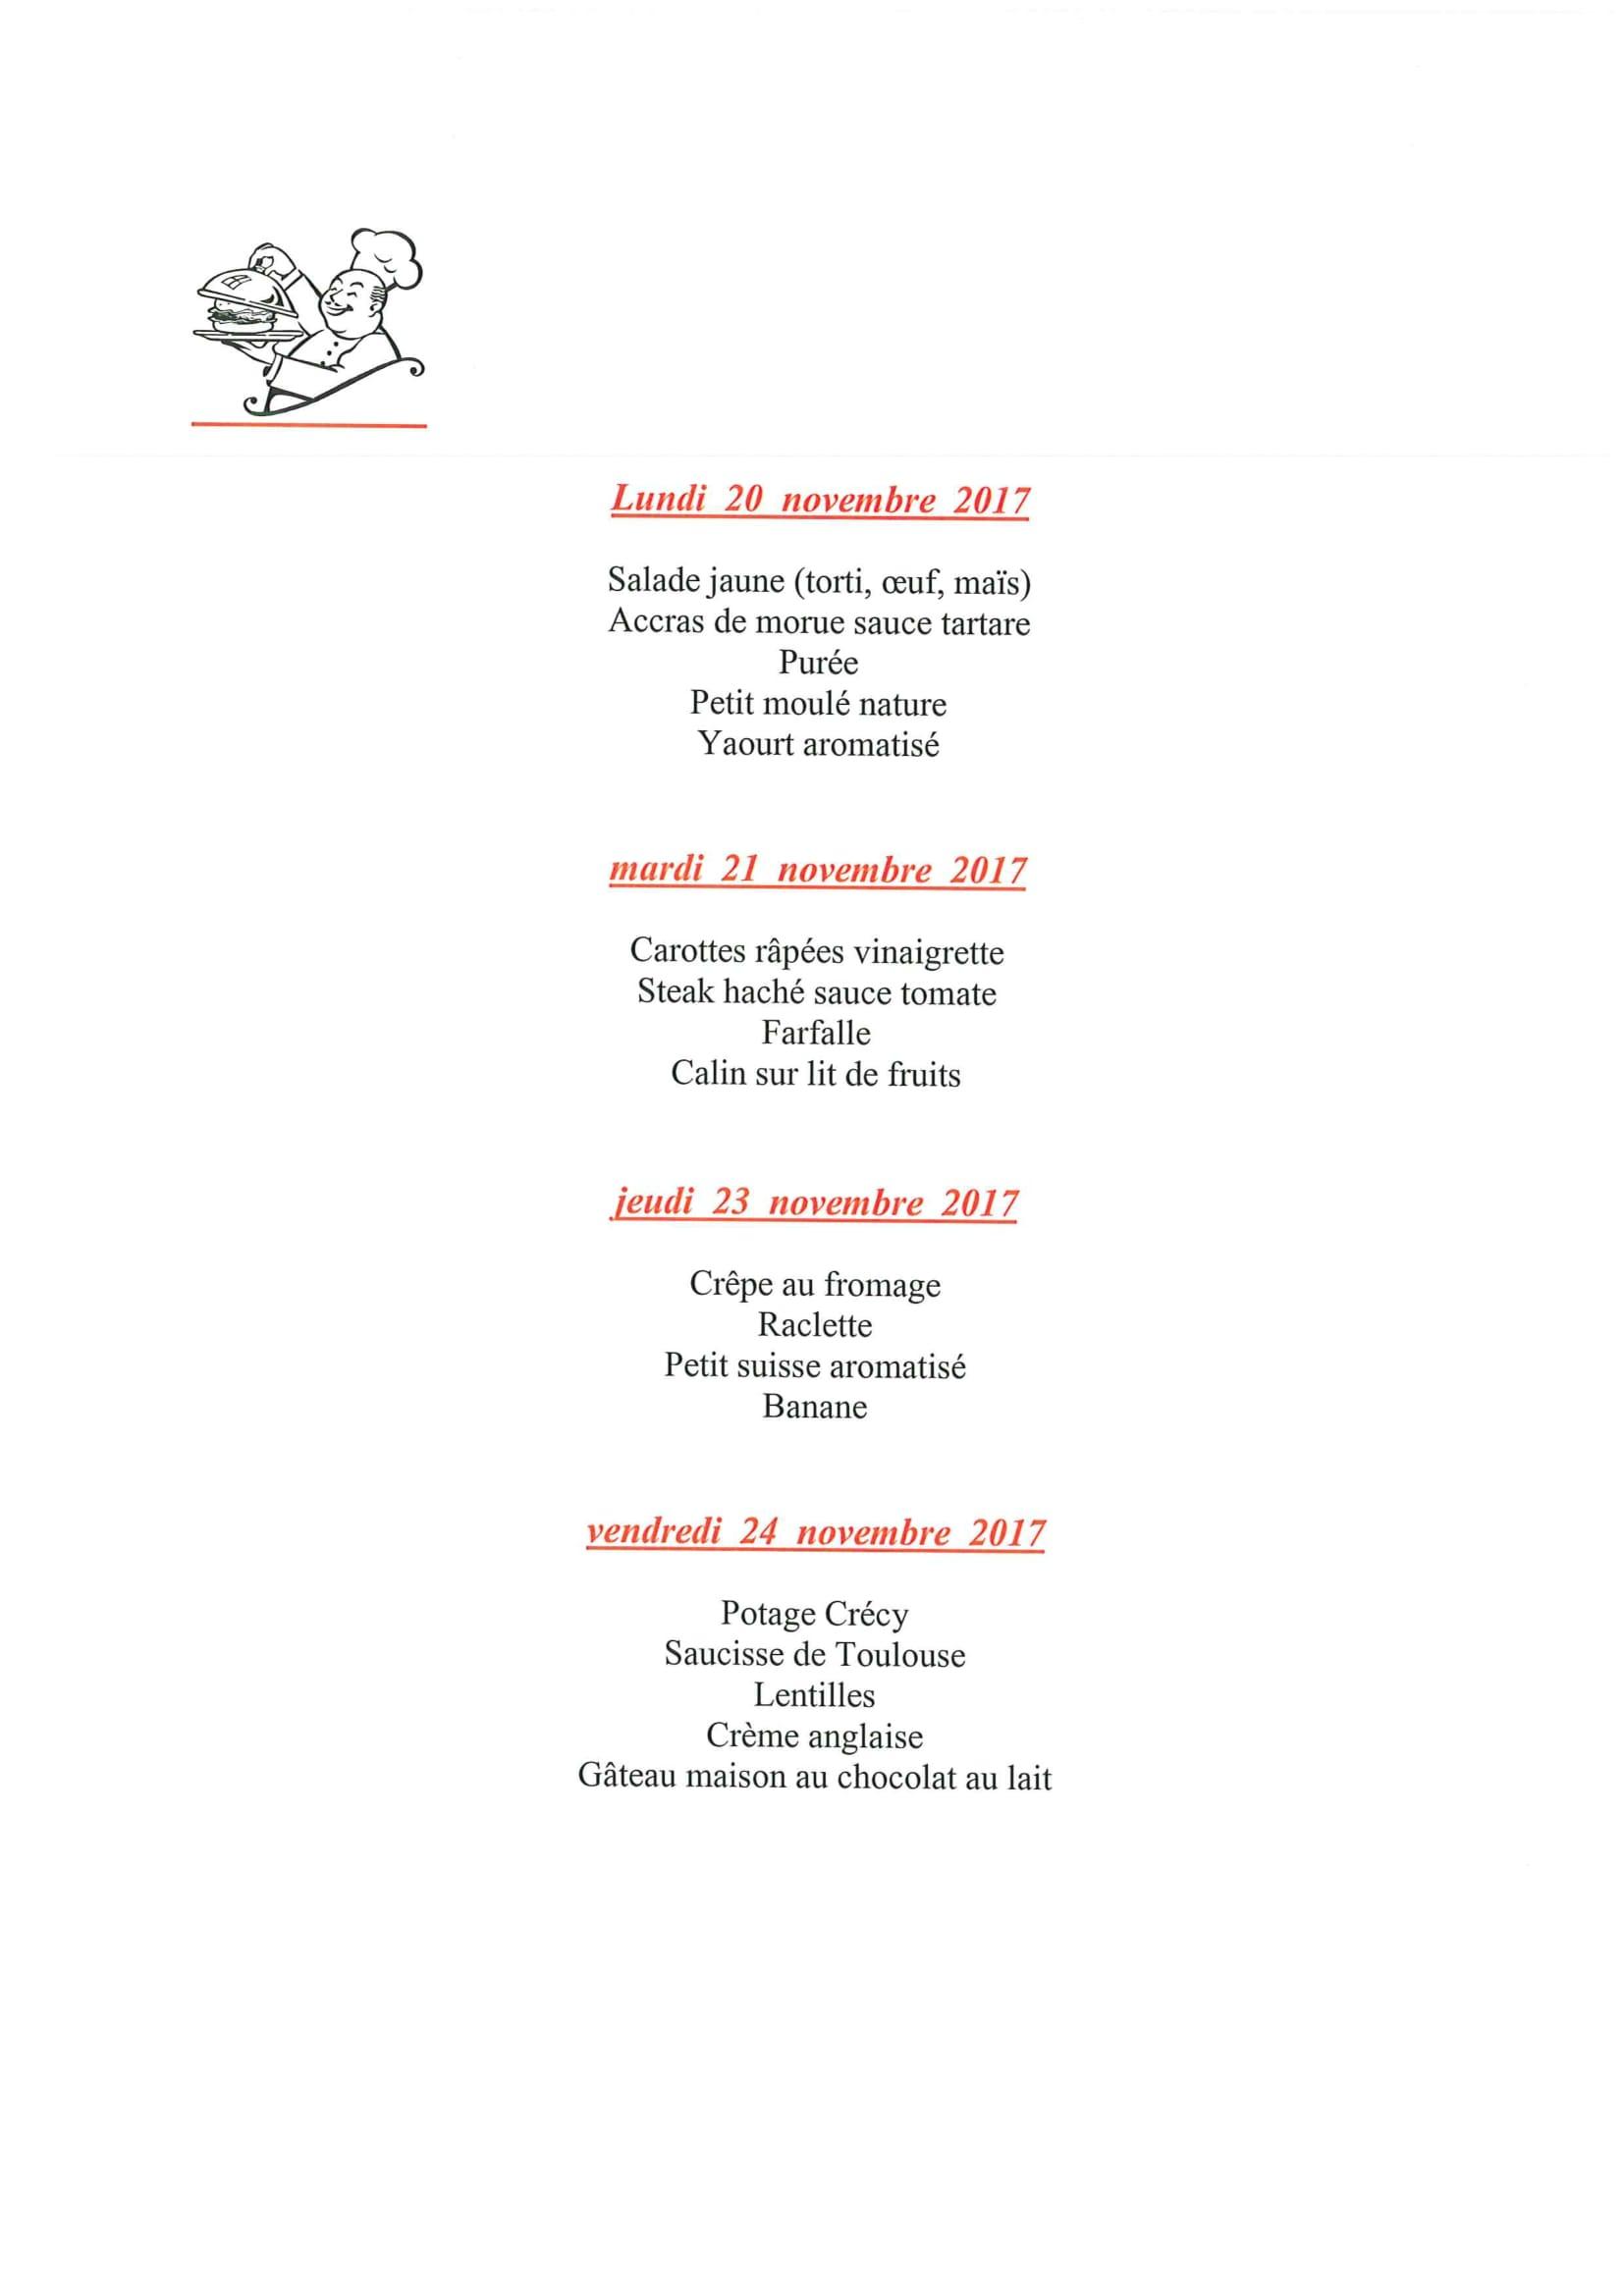 menu_6-11_1-12-3